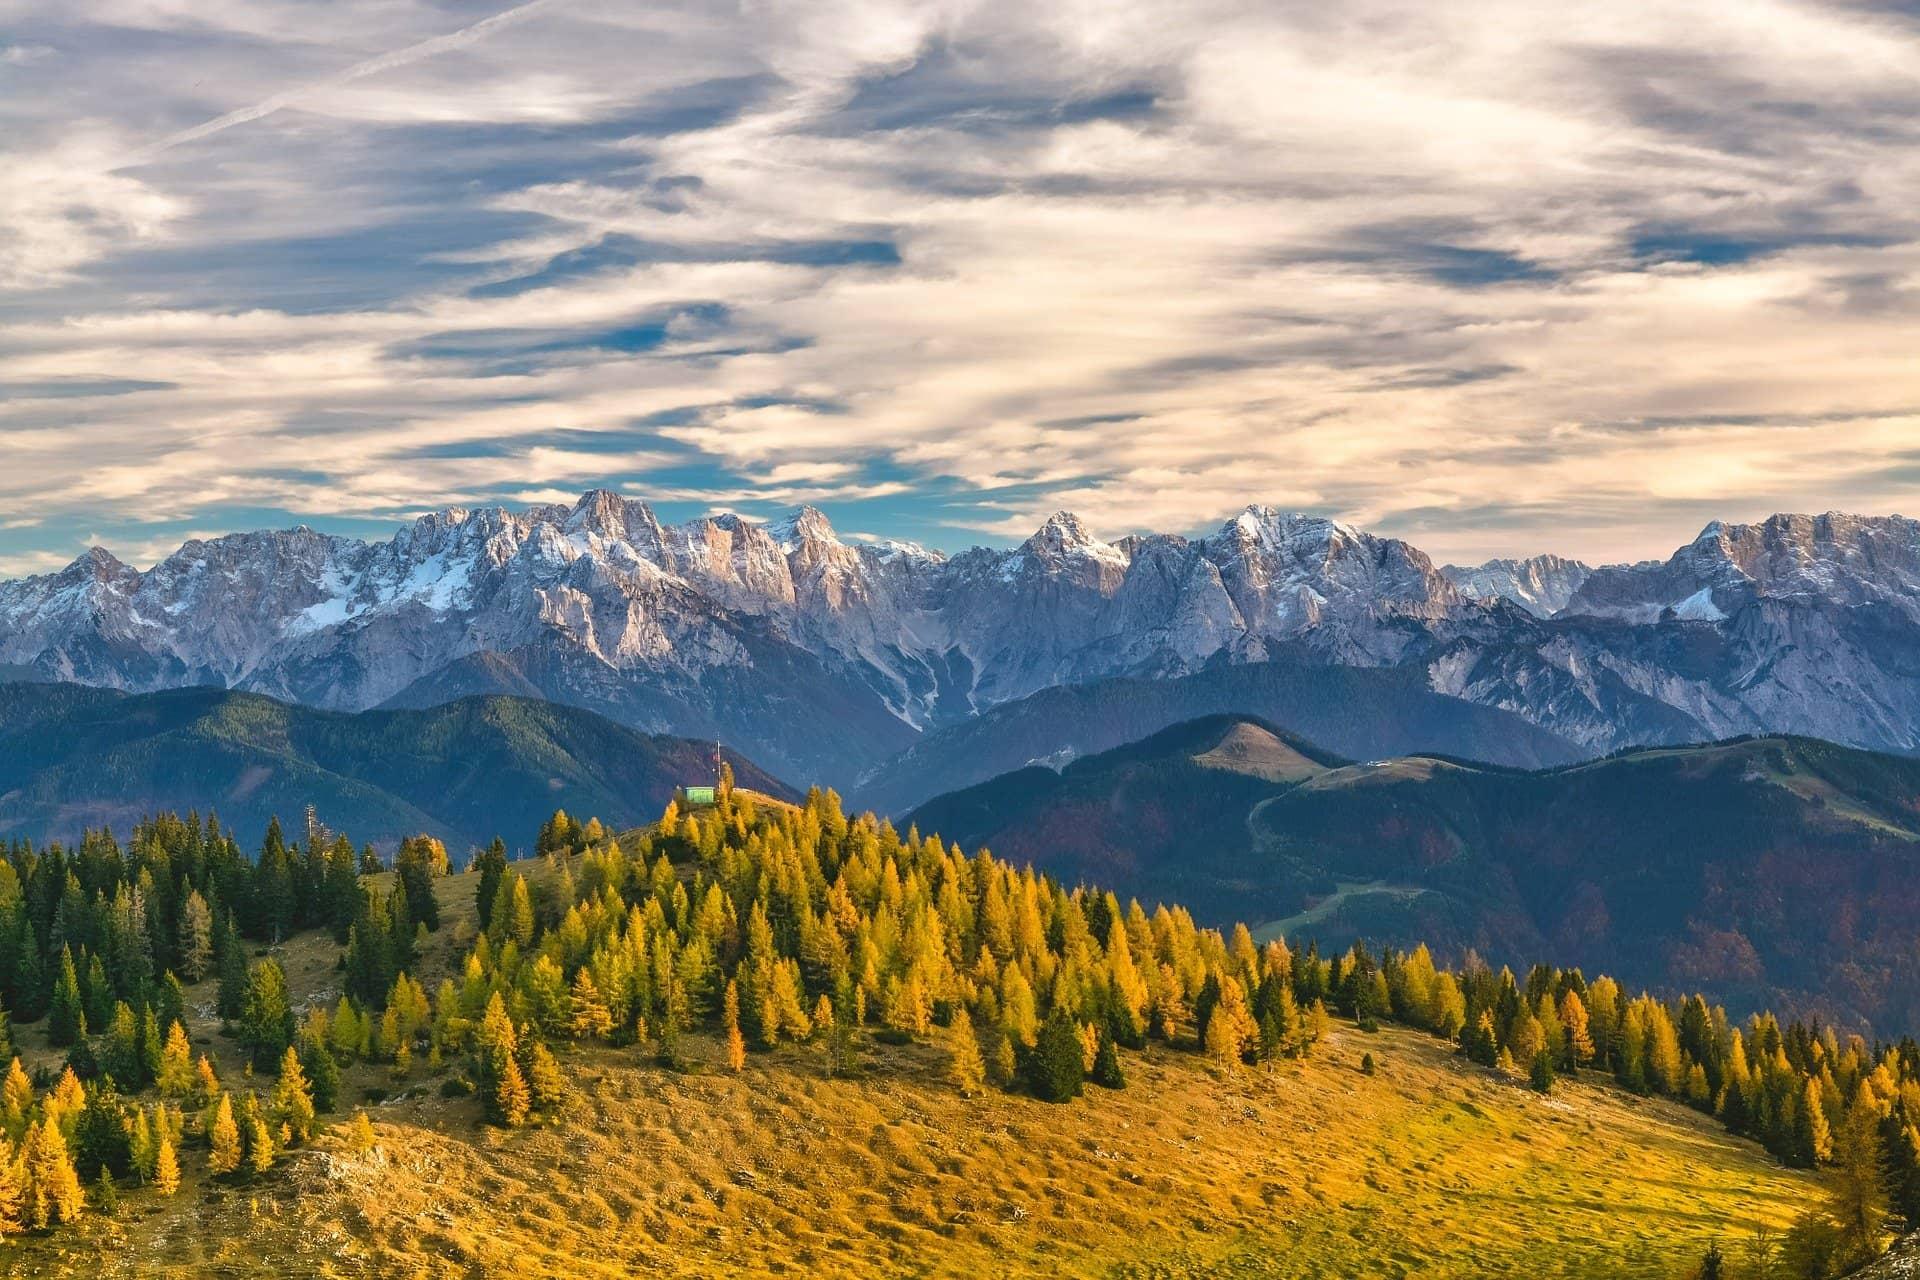 Berge (Sujetbild)